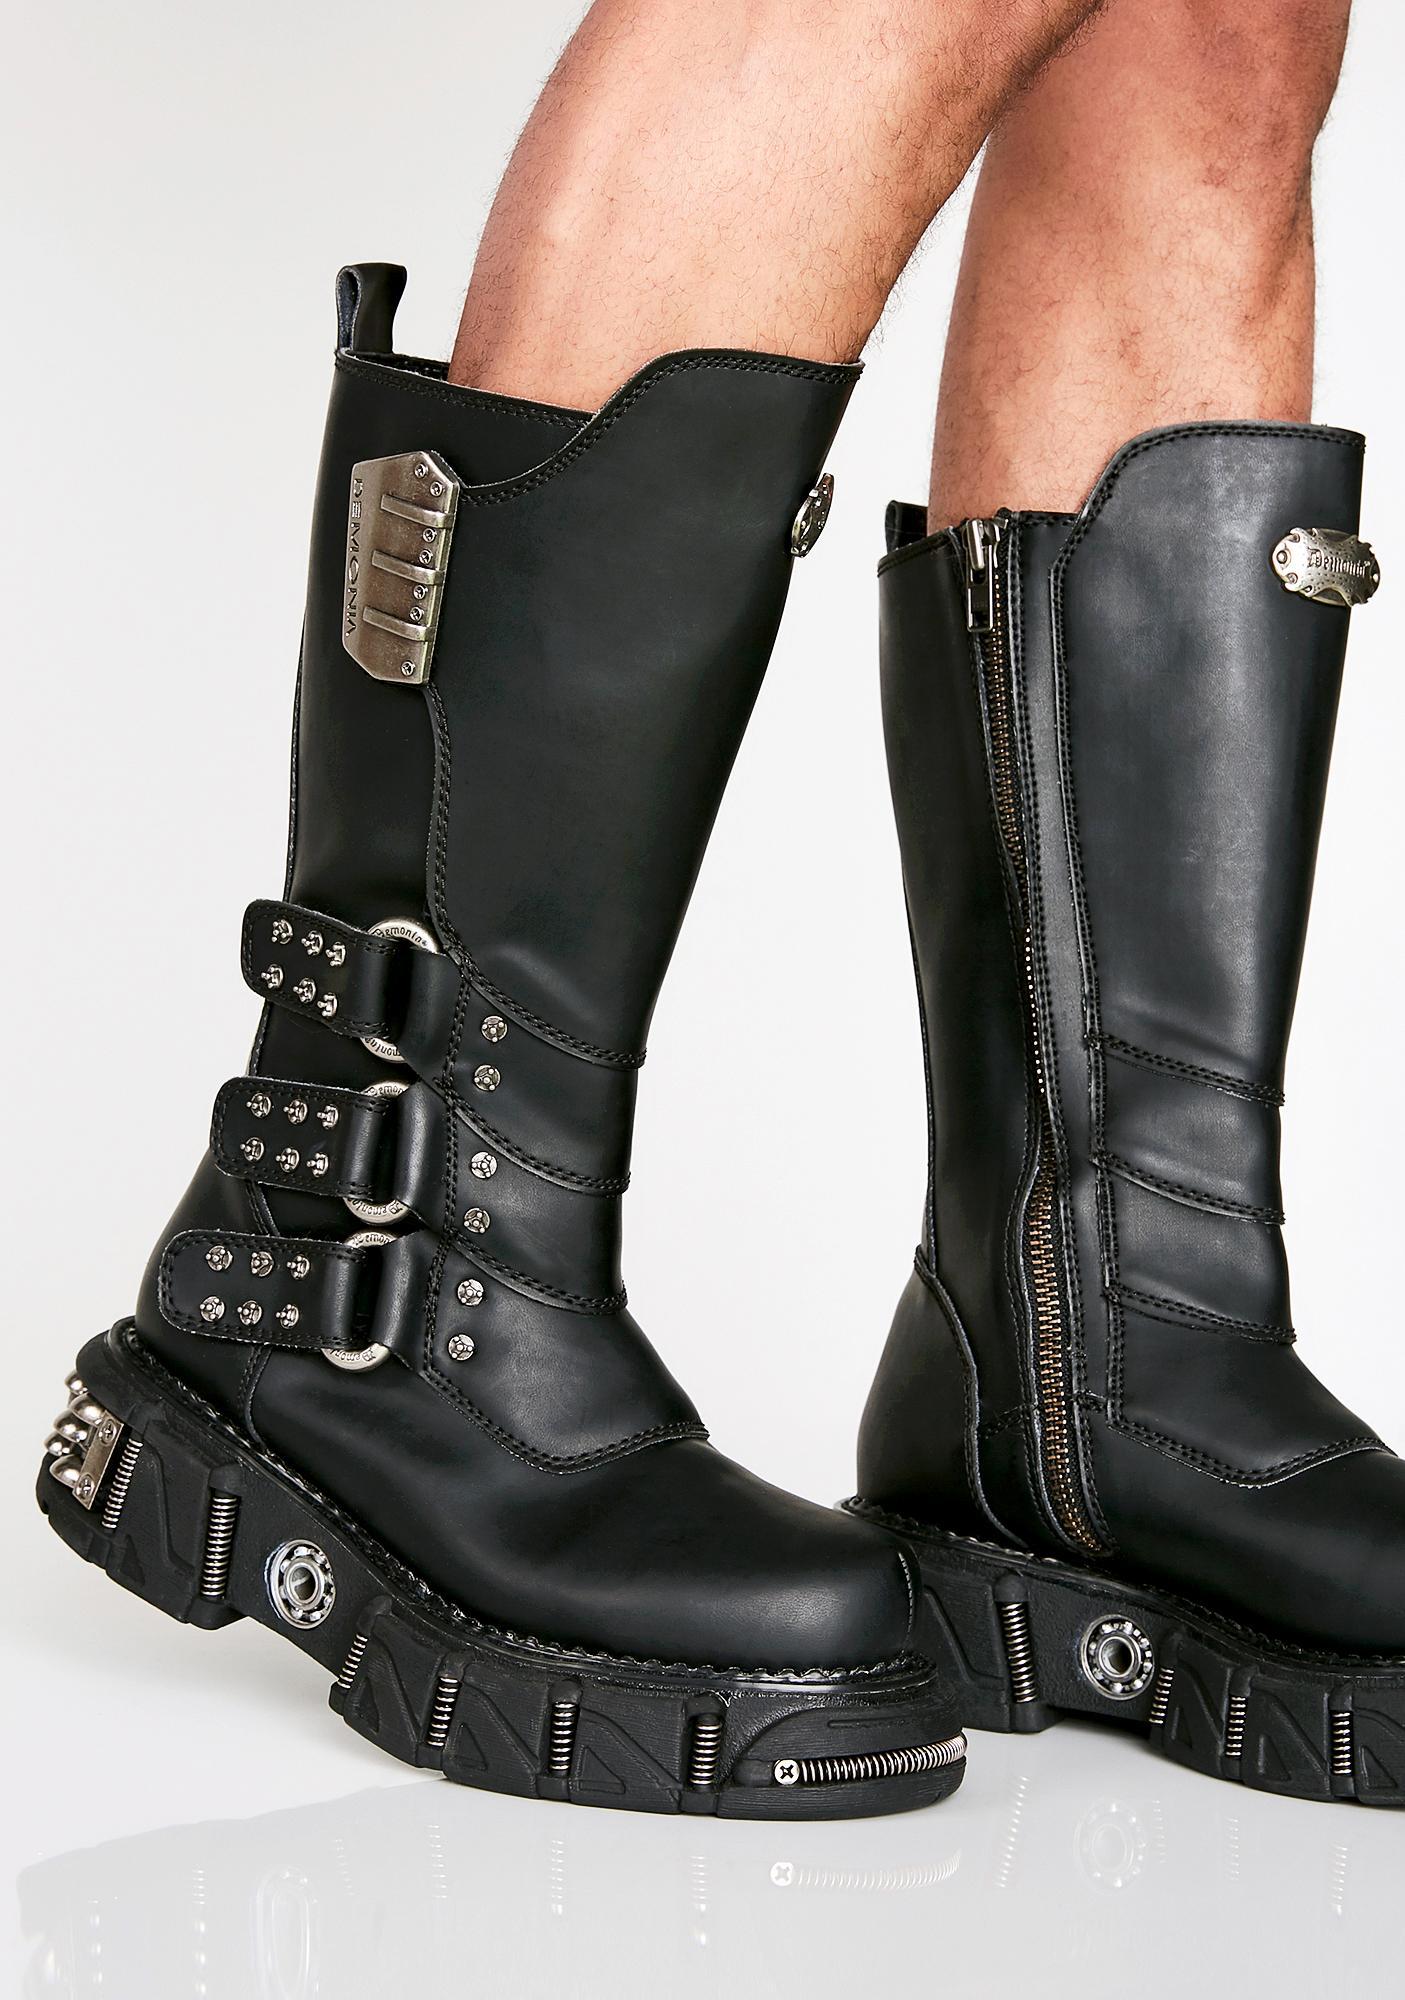 456924483f7 Demonia Desert Raider Unisexx Buckle Boots